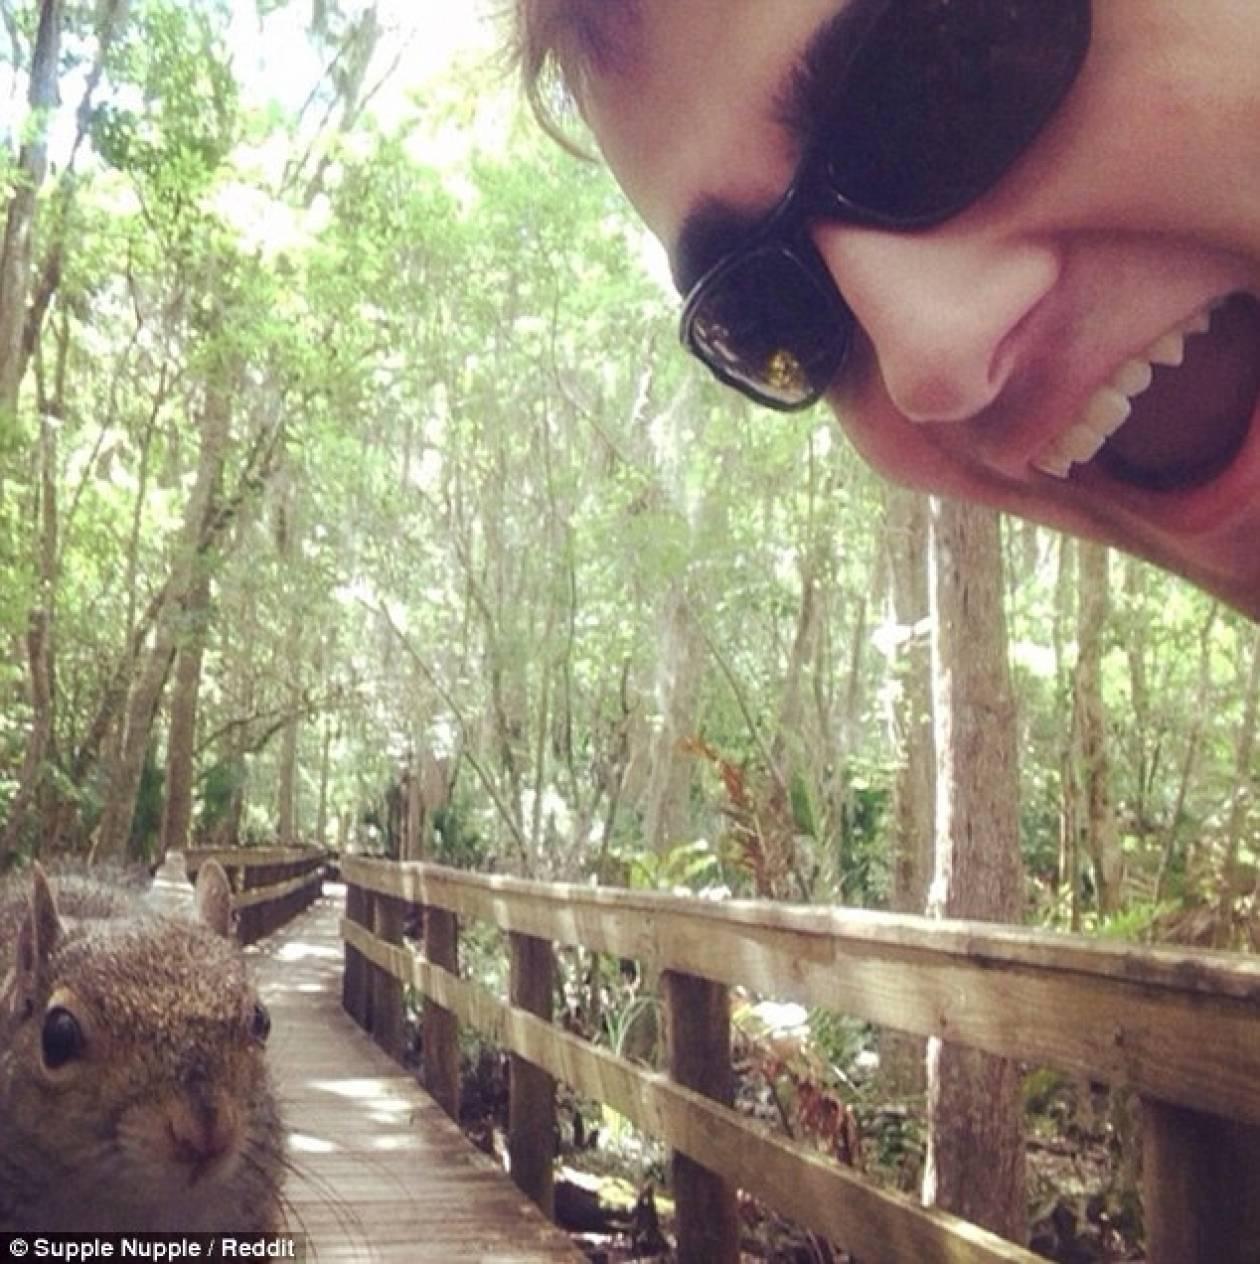 Έβγαλε μια selfie και... δεν θα πιστεύετε τι έγινε στη συνέχεια (pics)